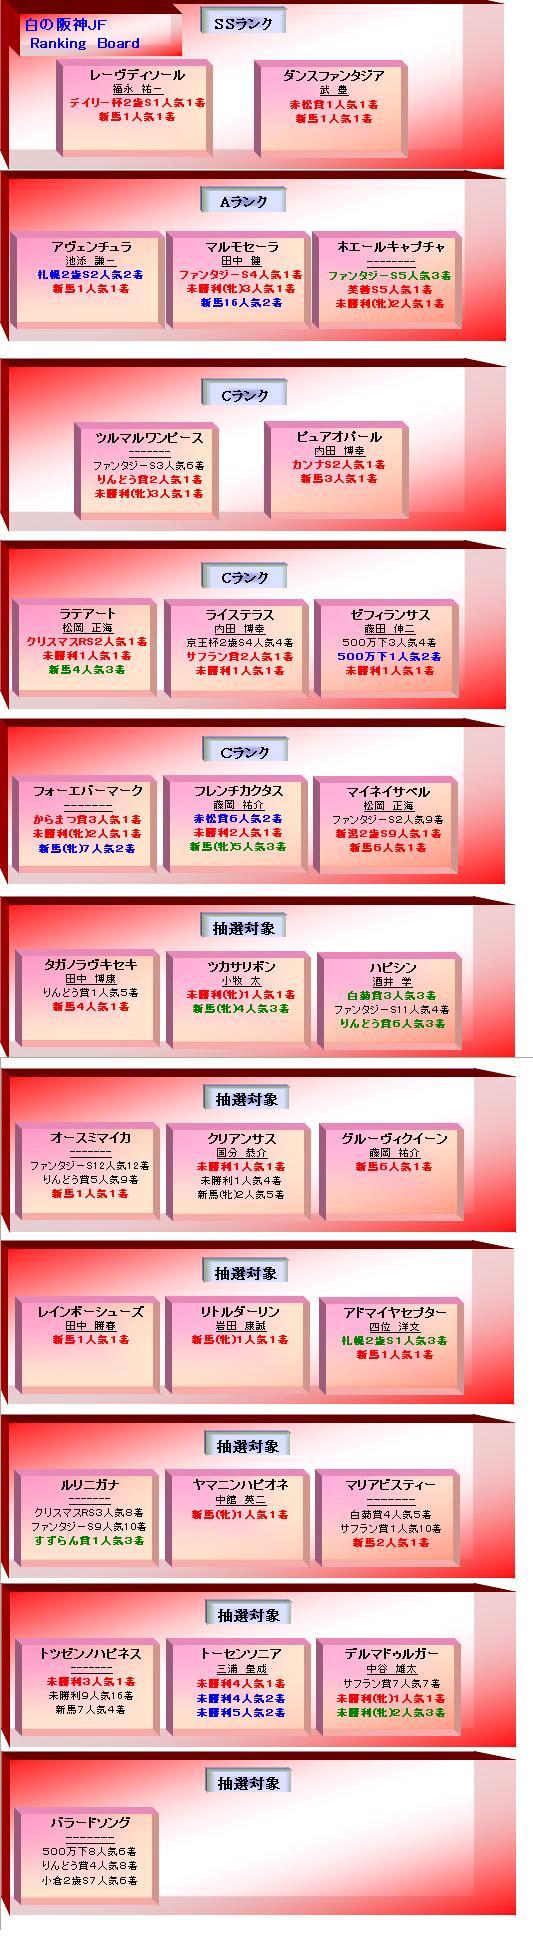 阪神JF RB